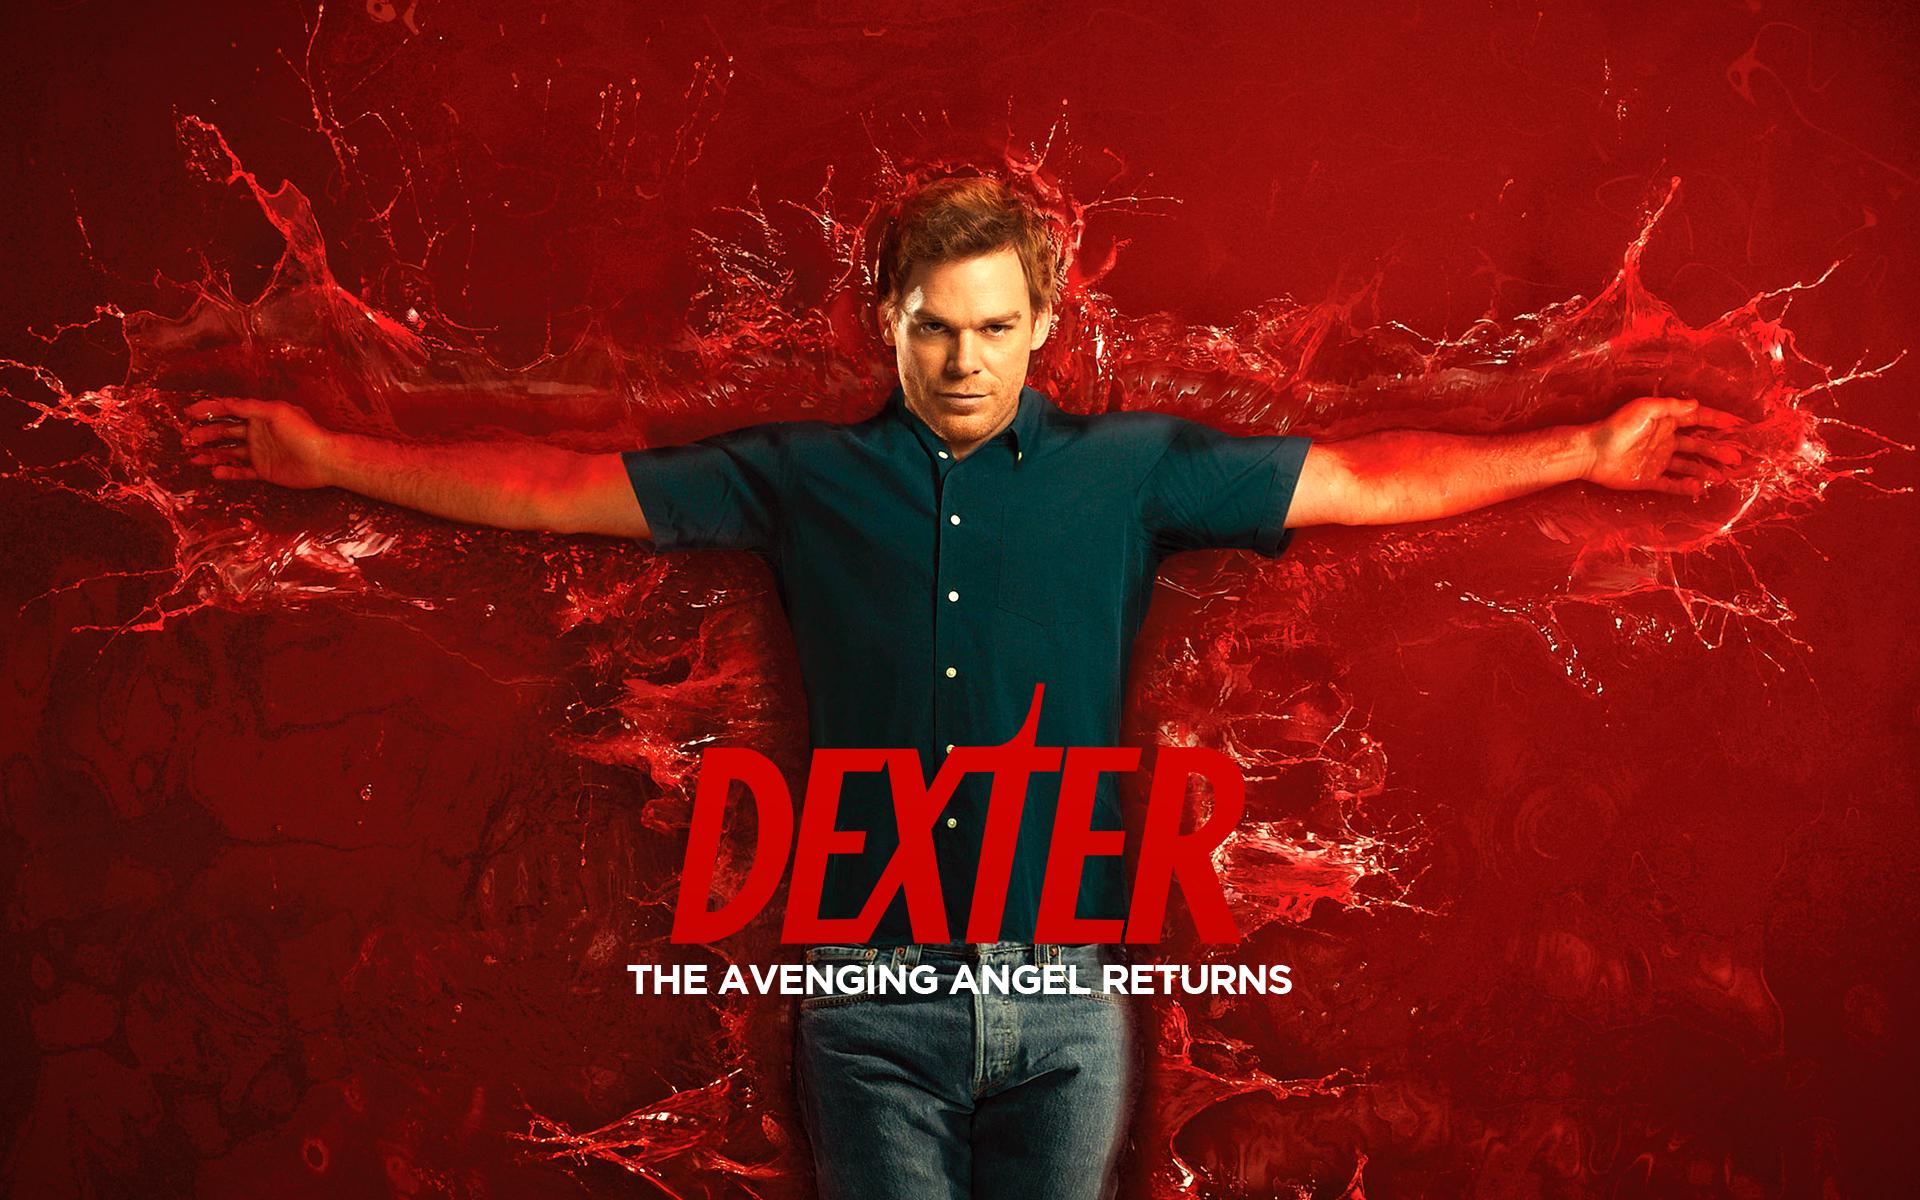 Dexter Season 6 Wallpaper 3 HD by iNicKeoN